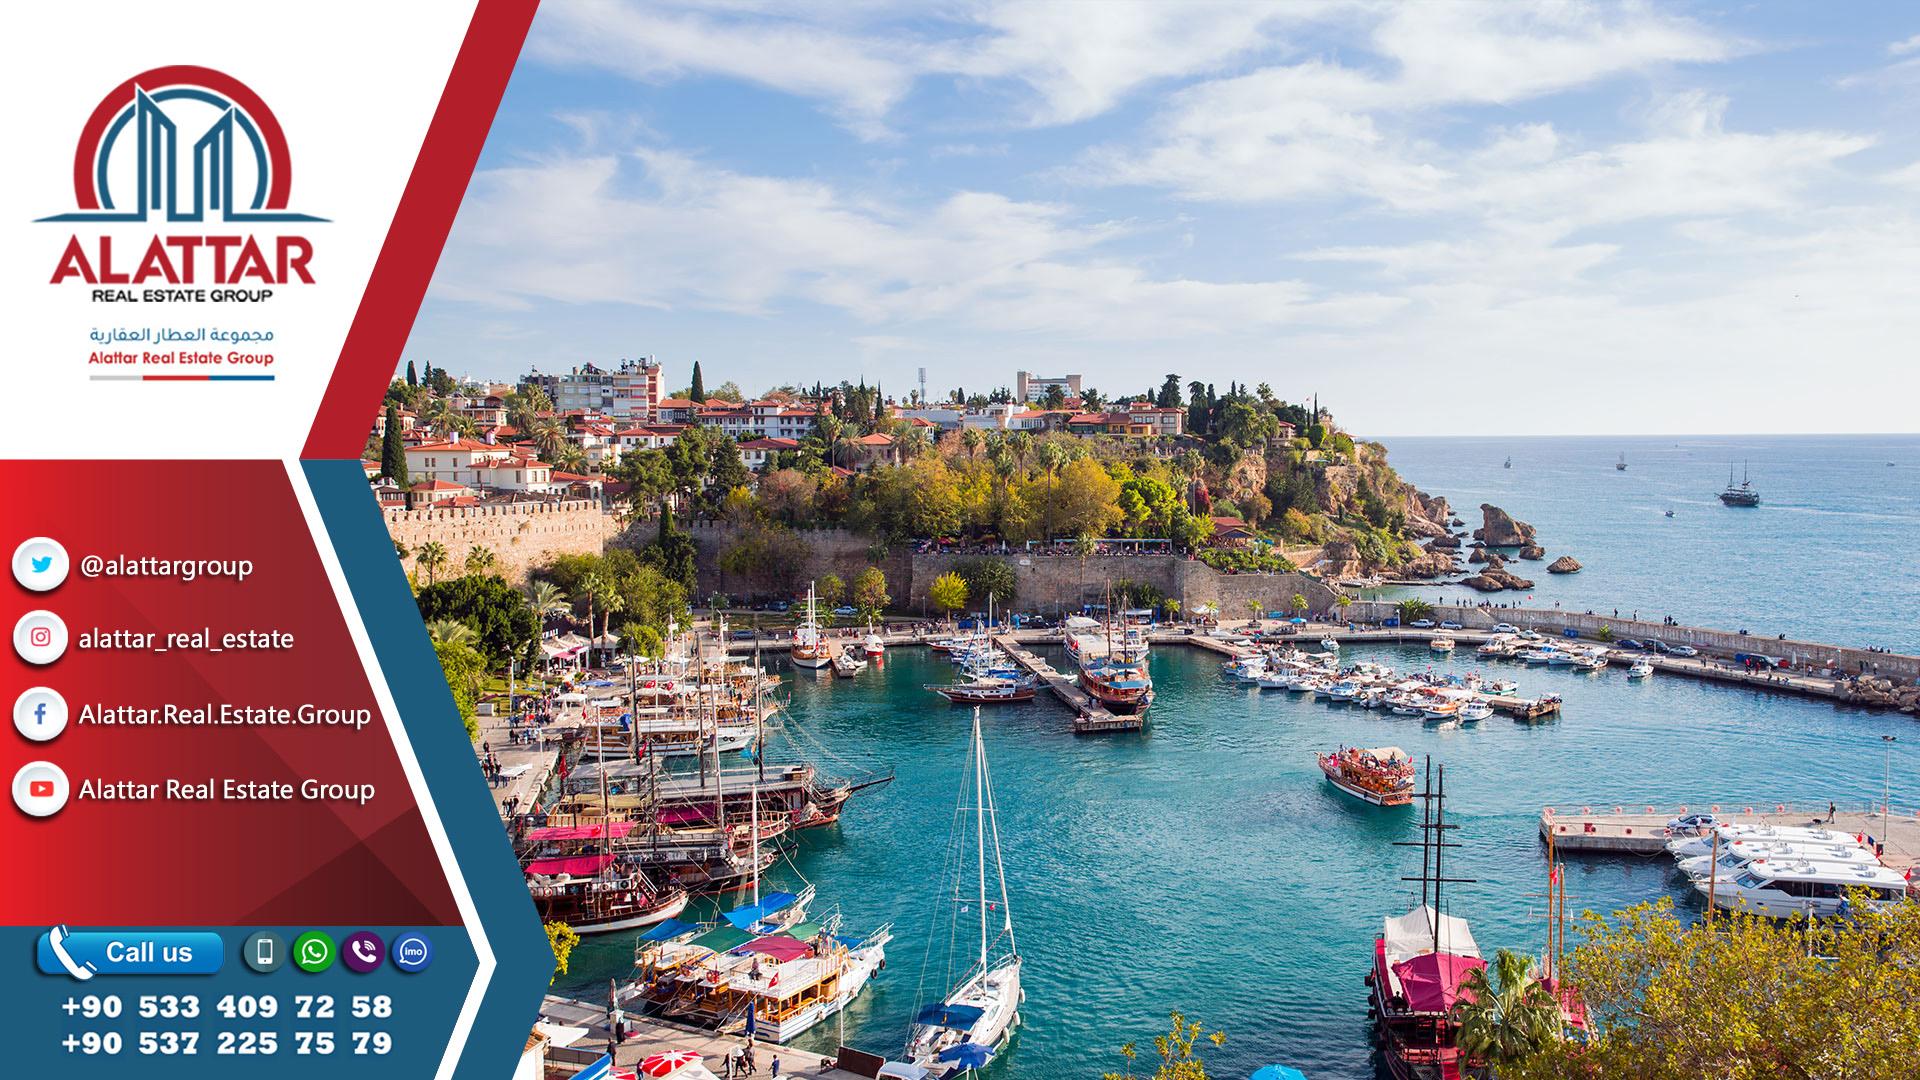 """تركيا من الوجهات السياحية الأكثر أمناً في المنطقة وسط أزمة """"كورونا"""""""